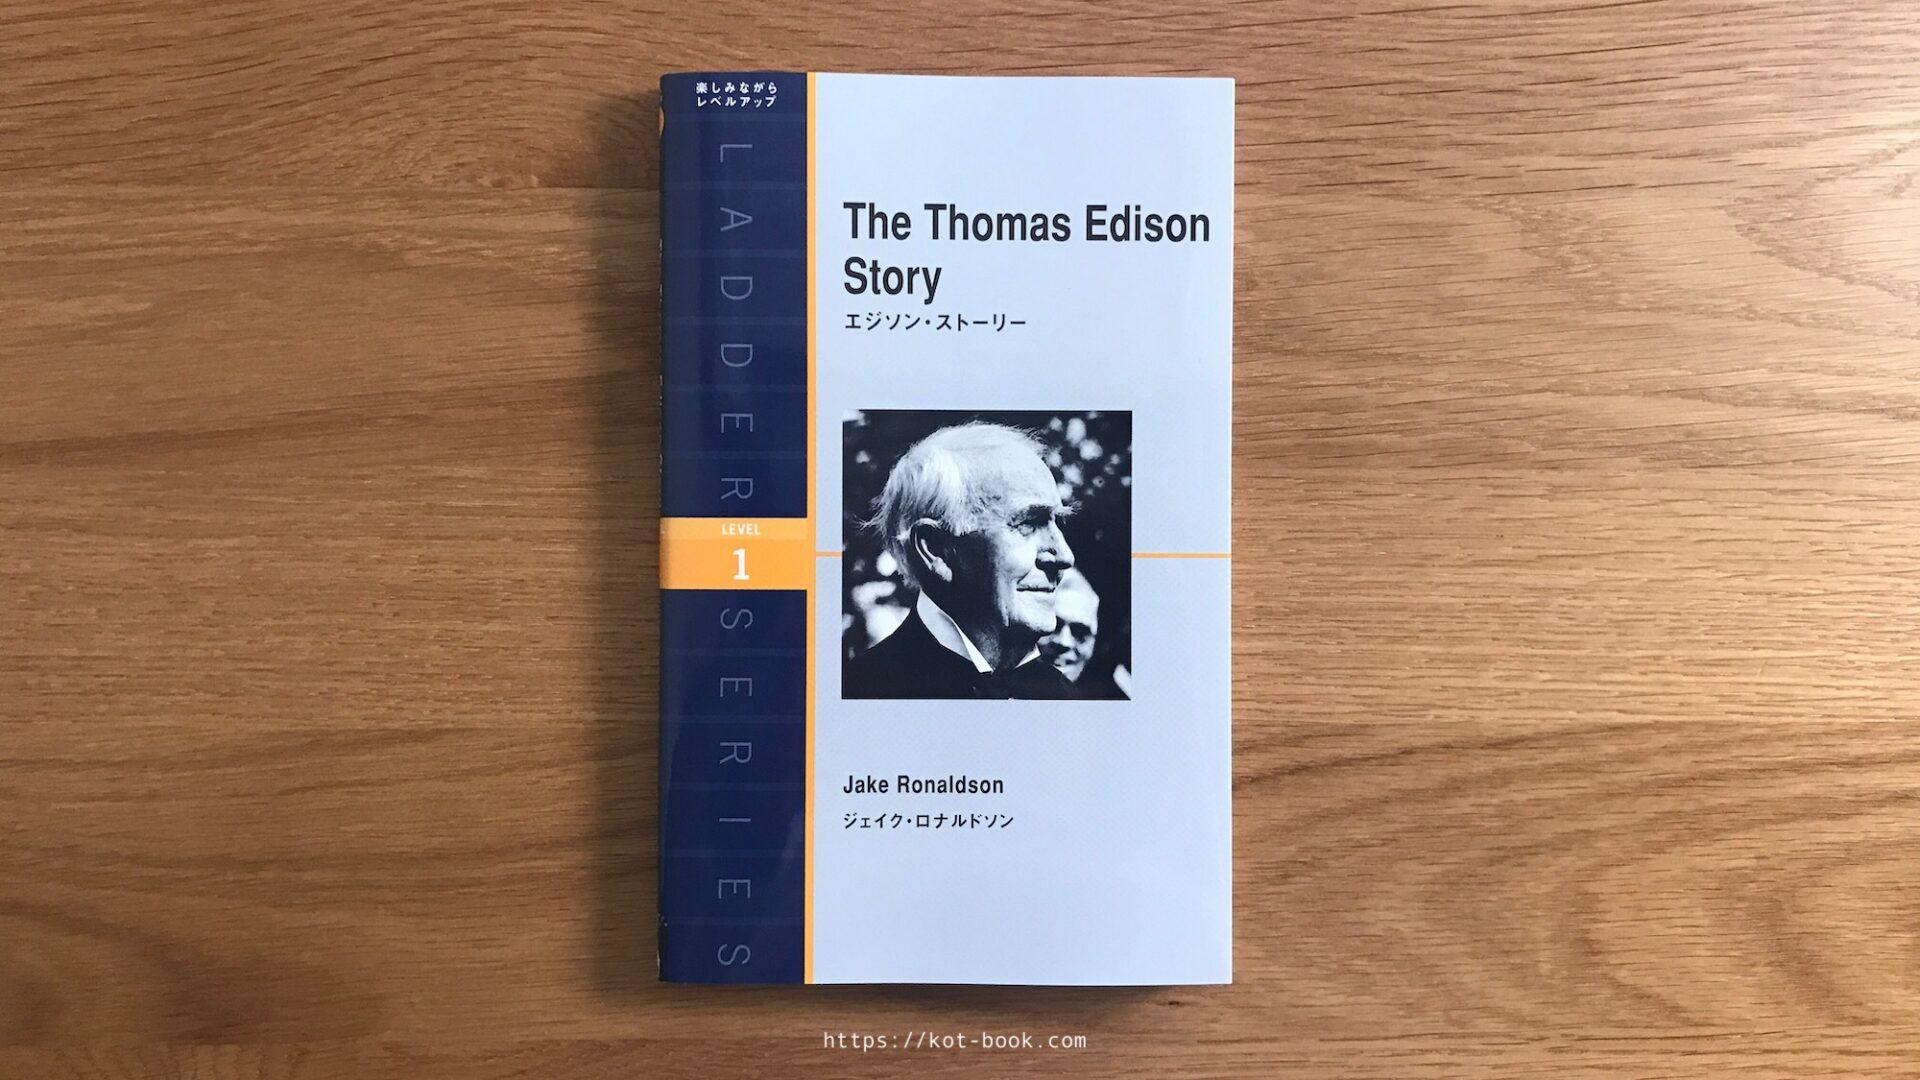 """エジソンってこんな人だったの?意外と知らないエジソンの功績が凄すぎた… """"The Thomas Edison Story""""【ラダーシリーズ】"""